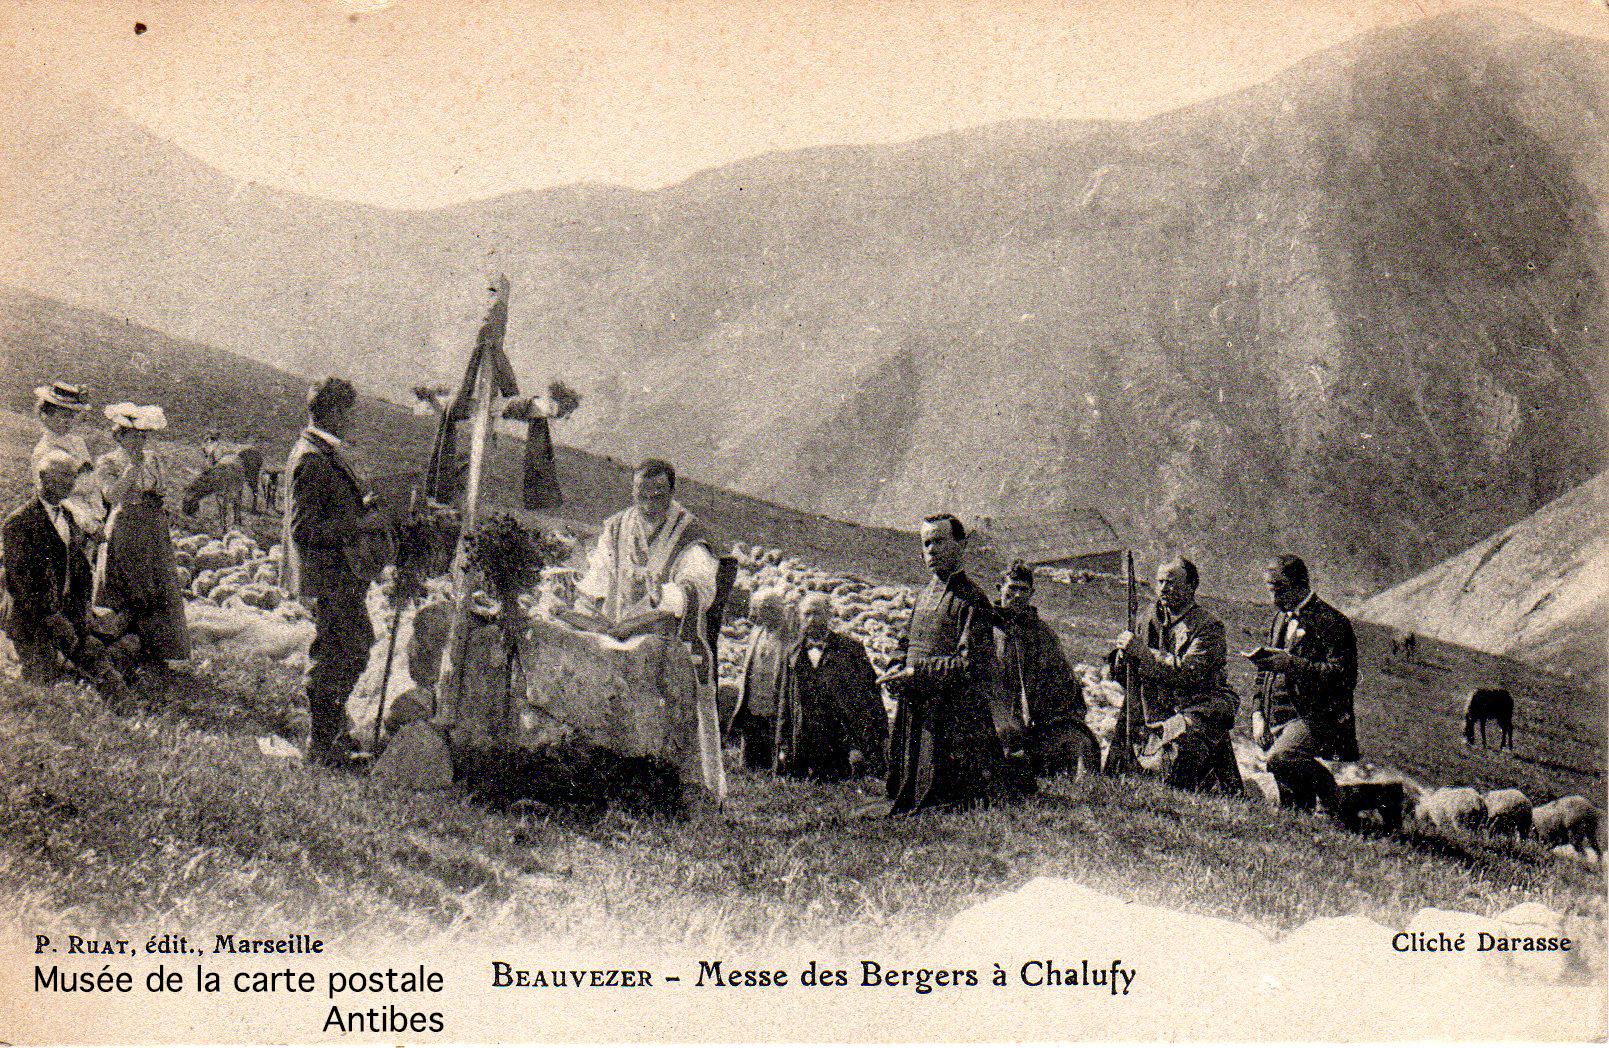 Carte postale ancienne représentant la messe pour des bergers à Chalufy Beauvezer, issue de l'exposition temporaire du musée de la Carte Postale.